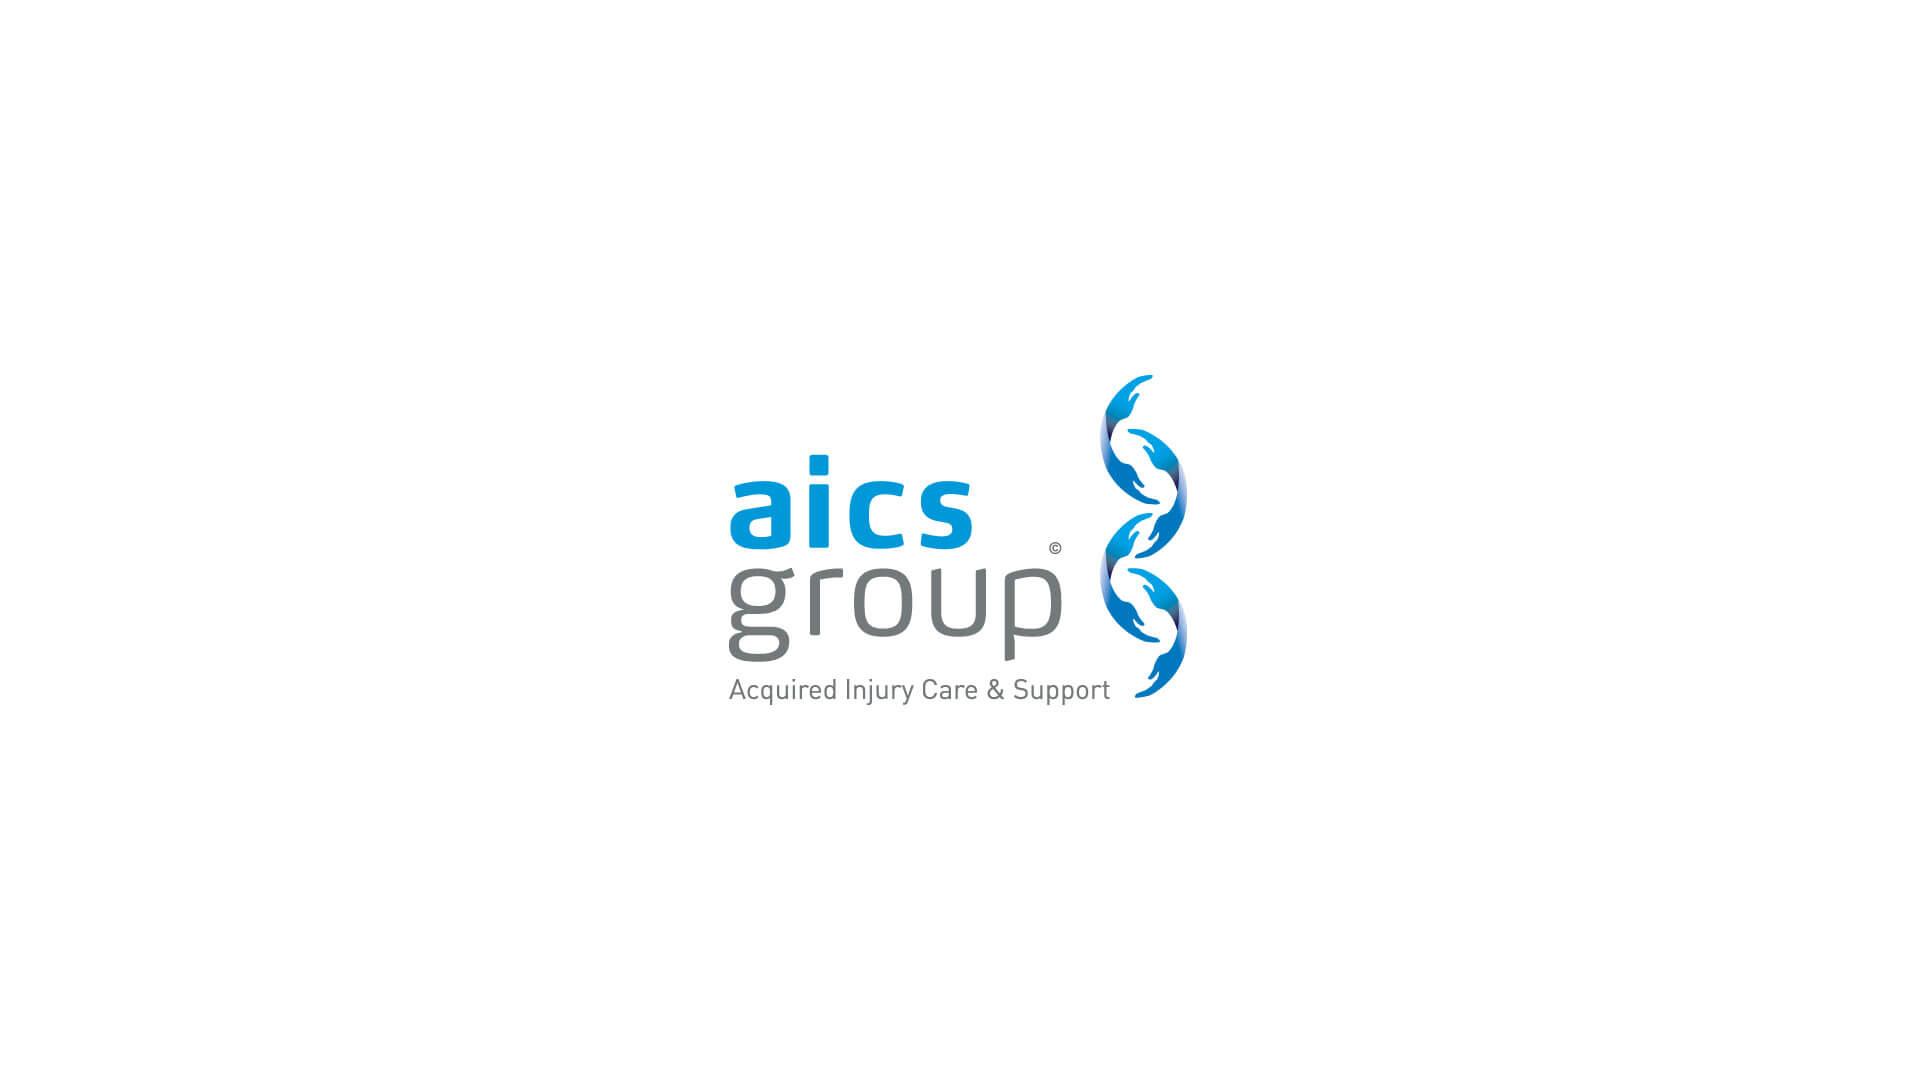 AICS_layout_05